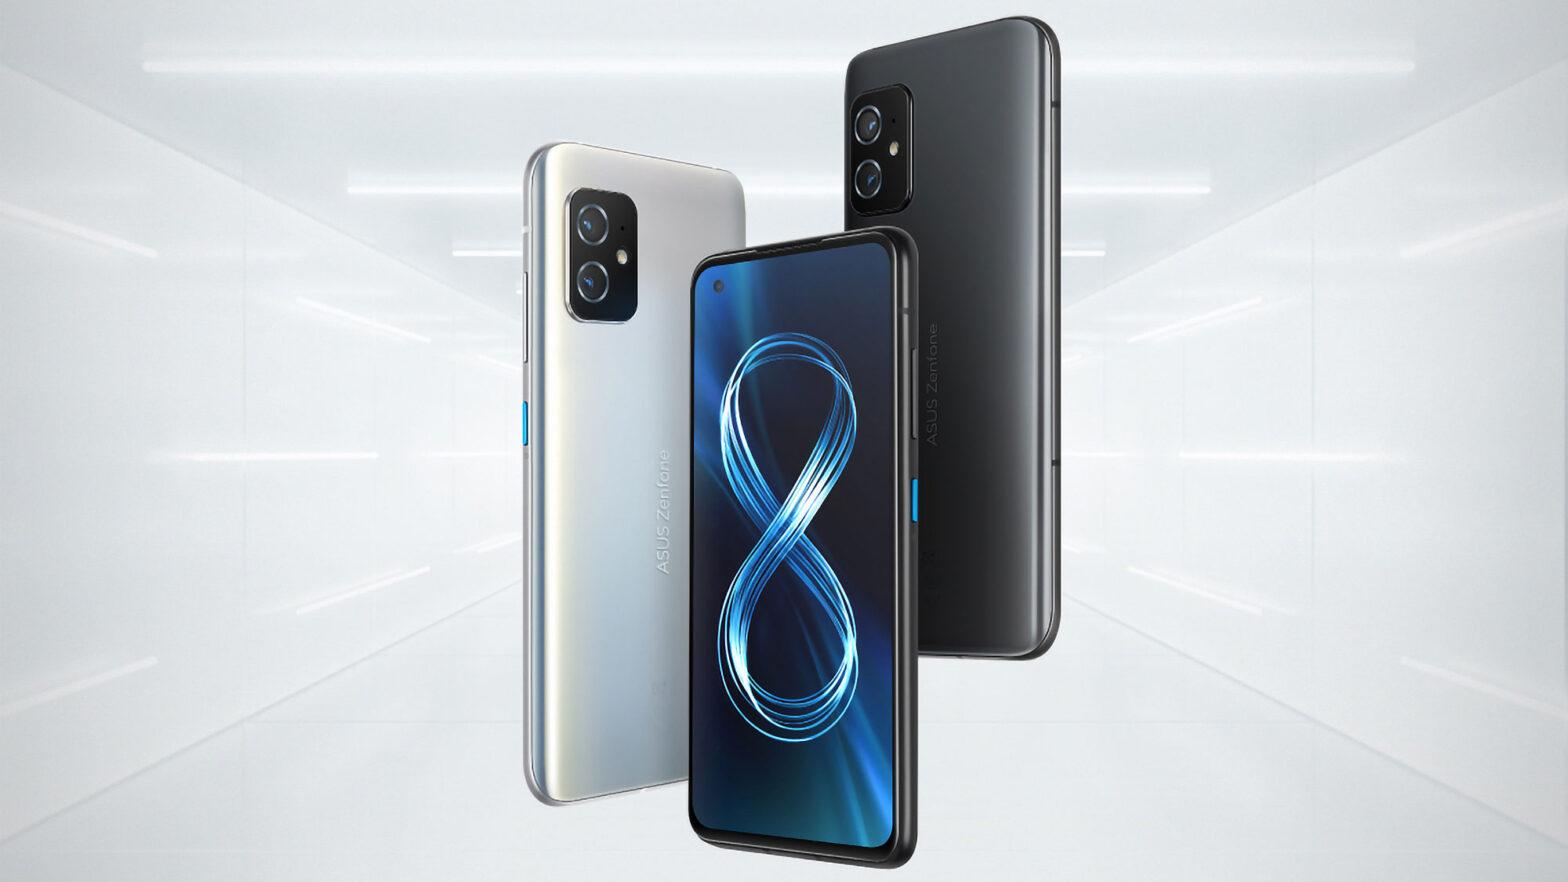 ASUS Zenfone 8 and Zenfone 8 Flip Smartphones